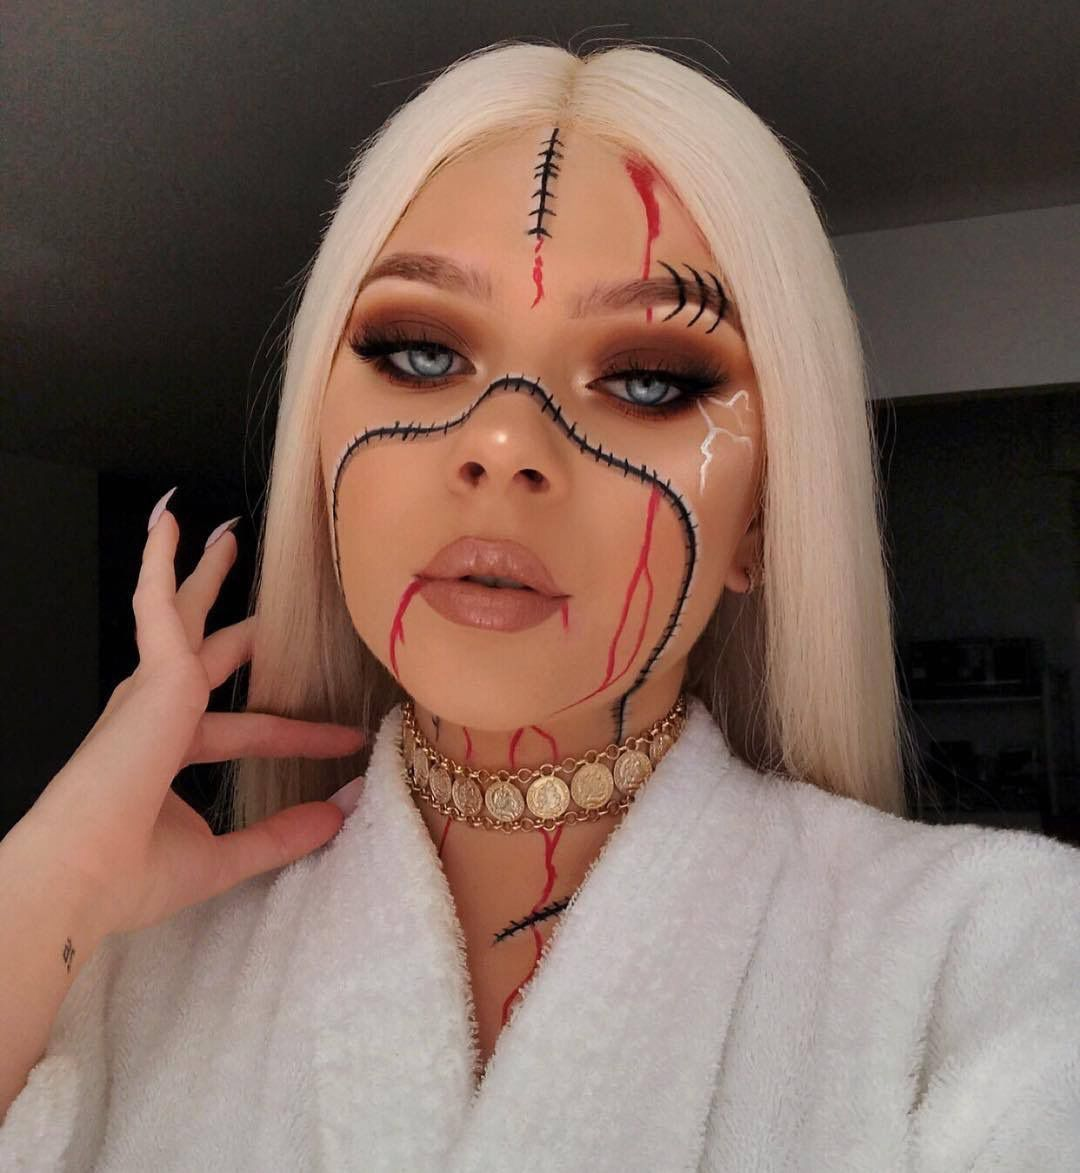 ¿Aún sin disfraz de Halloween? ¡Maquillajes de últ en 2020